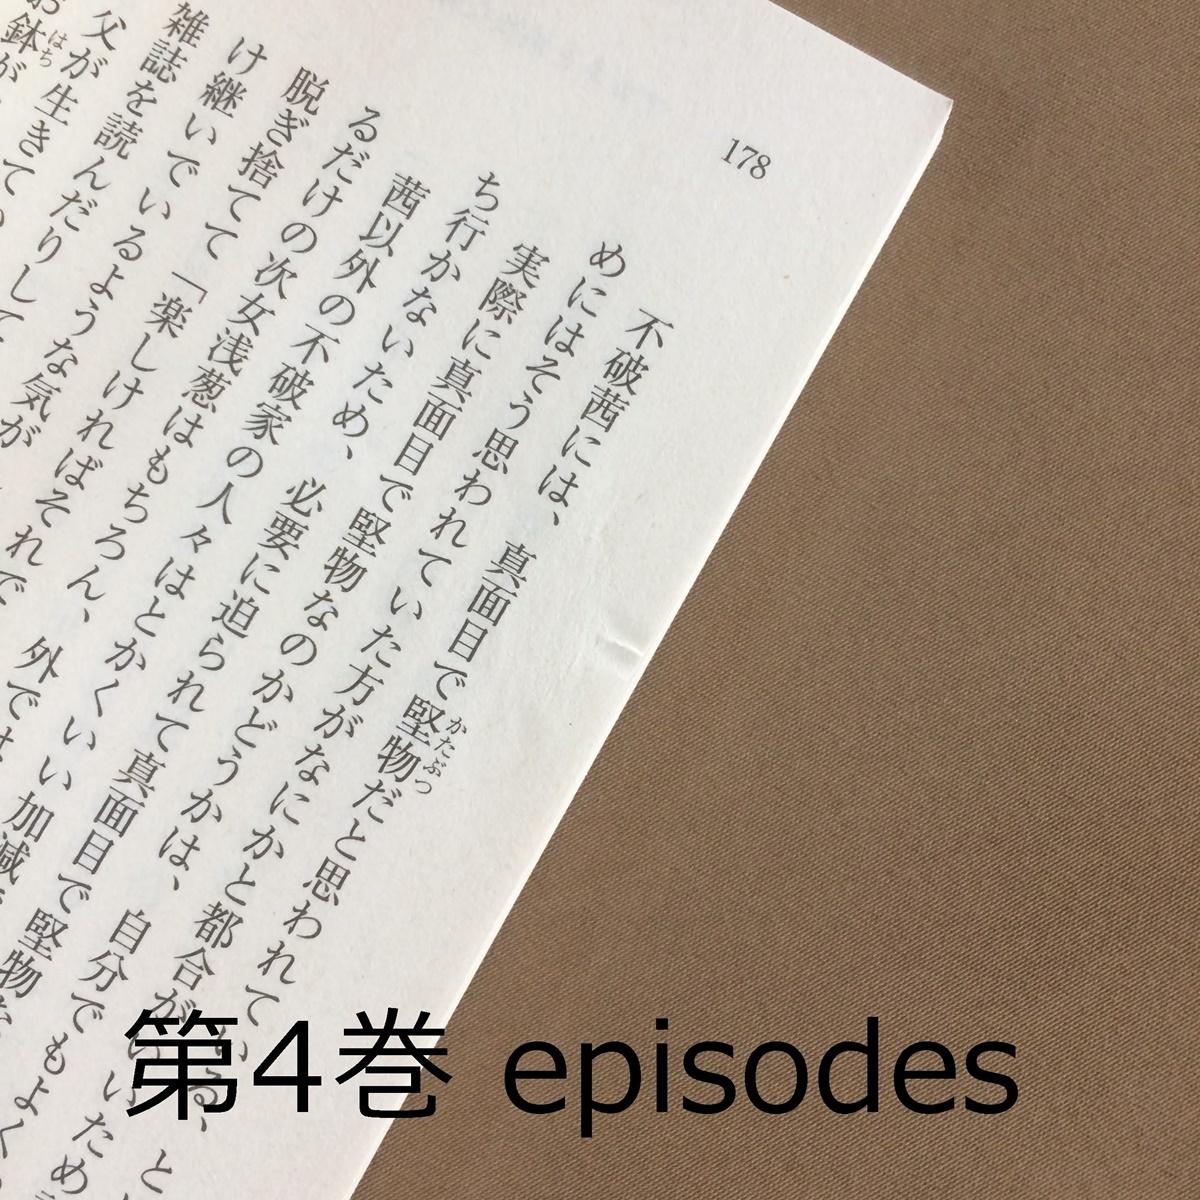 小説 魔法少女育成計画 11巻セット★このライトノベルがすごい!文庫★遠藤浅蜊